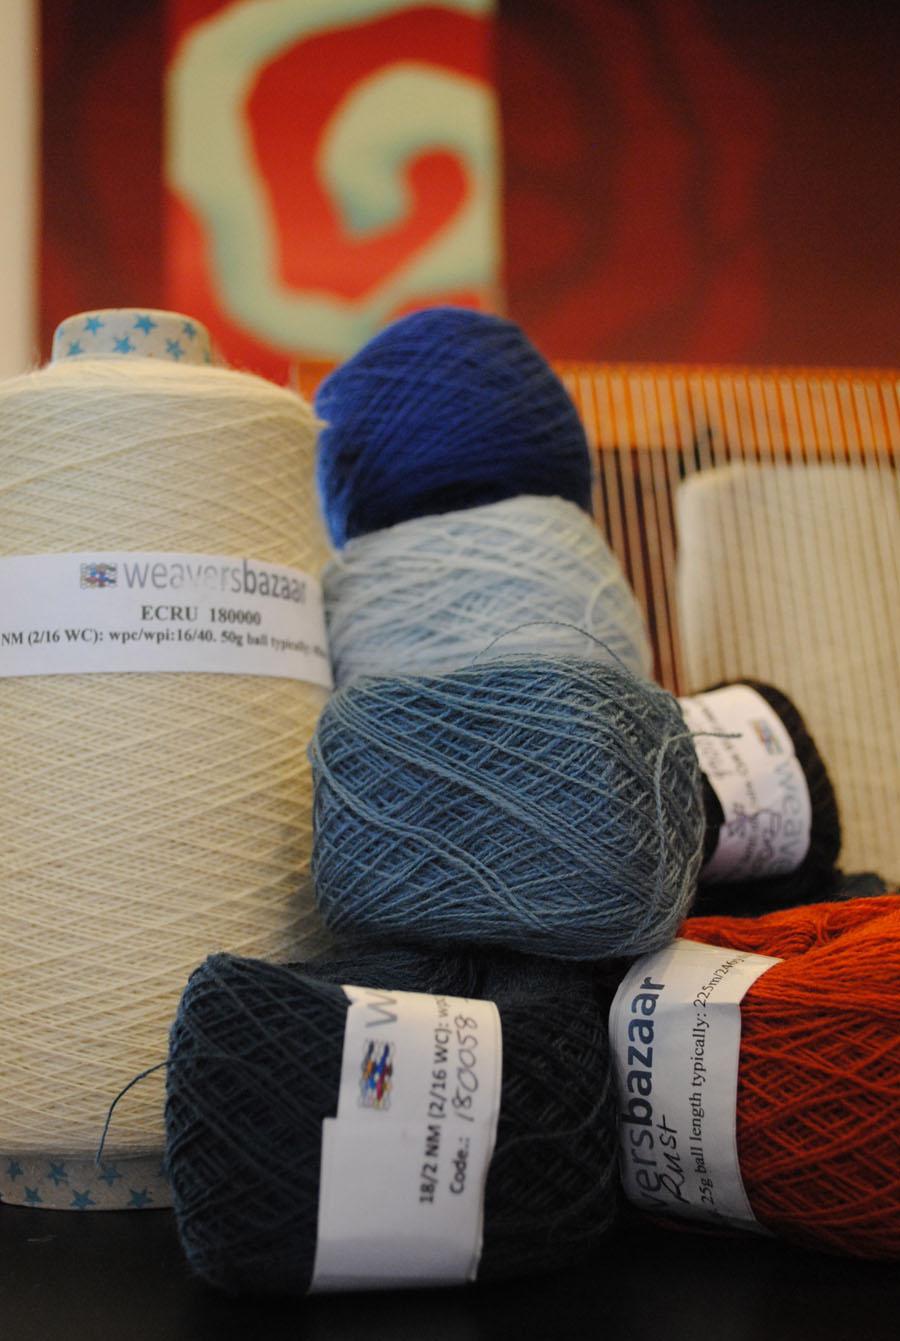 Weavers Bazaar